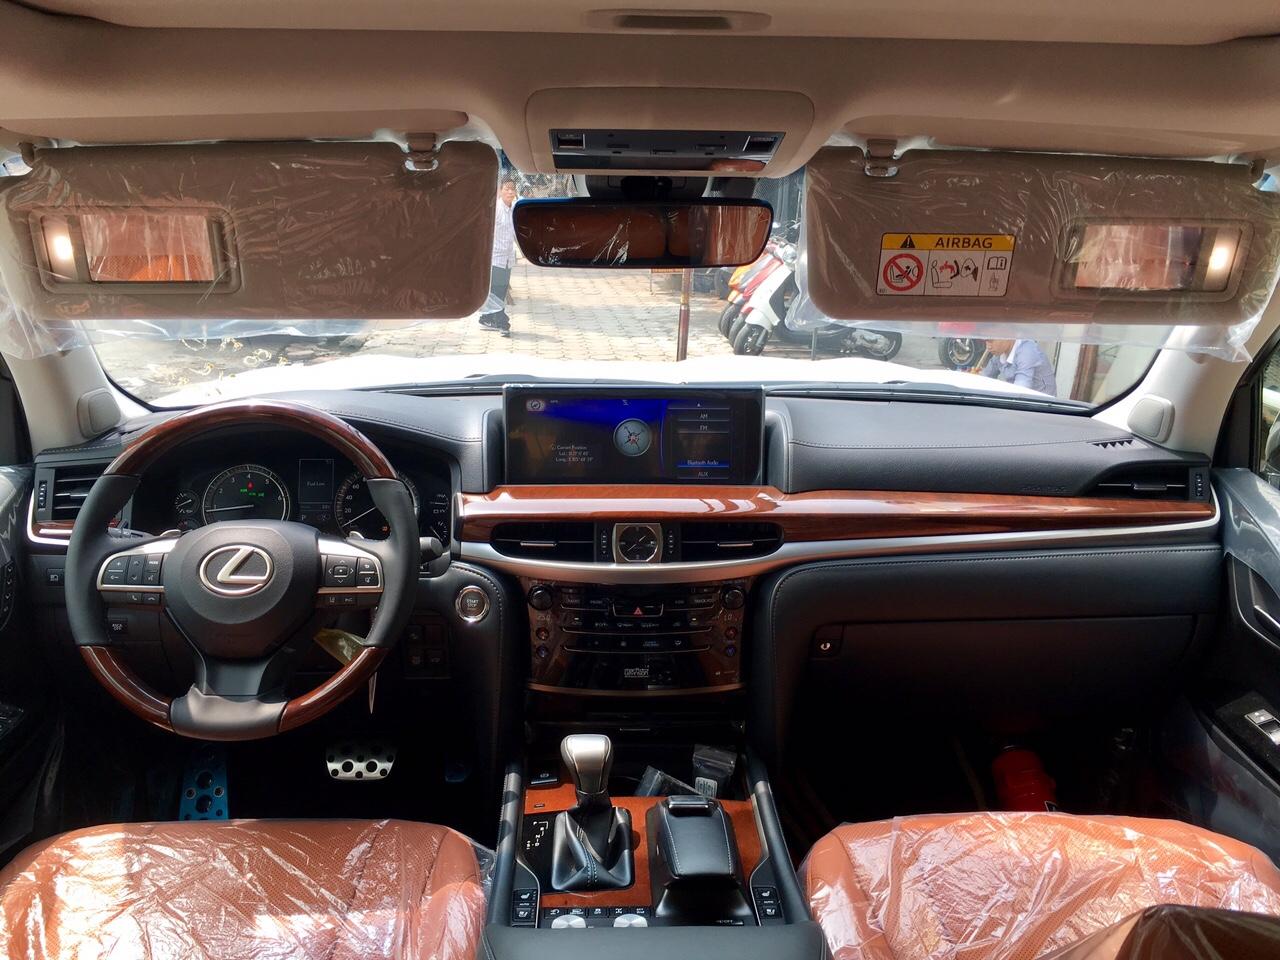 Chi tiết Lexus LX570 Super Sport 2019: nội ngoại thất, động cơ vận hành, kèm giá bán